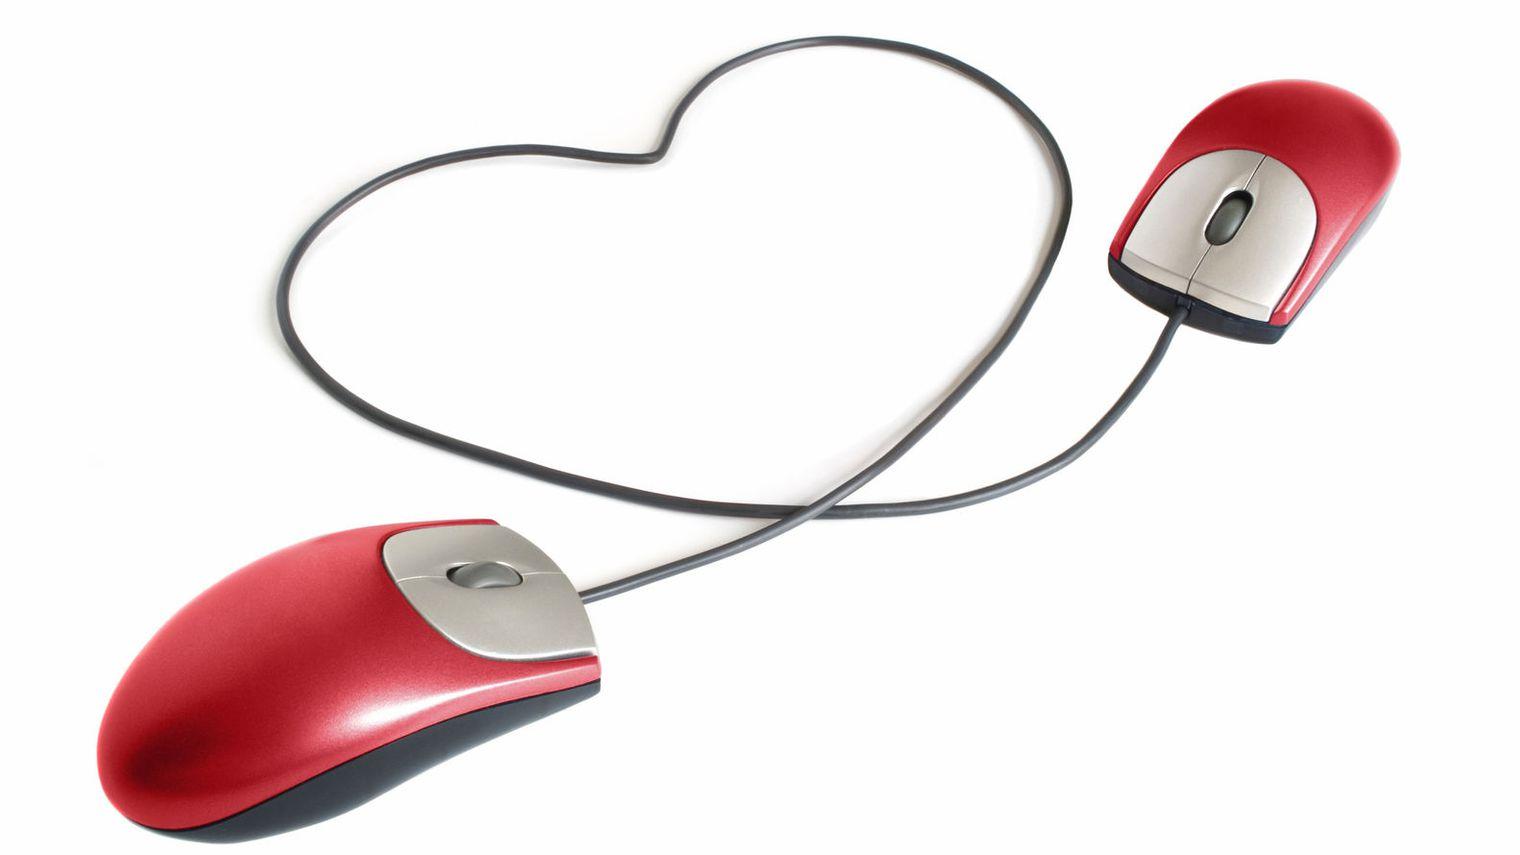 Rencontre sur le web : comment trouver l'amour ?